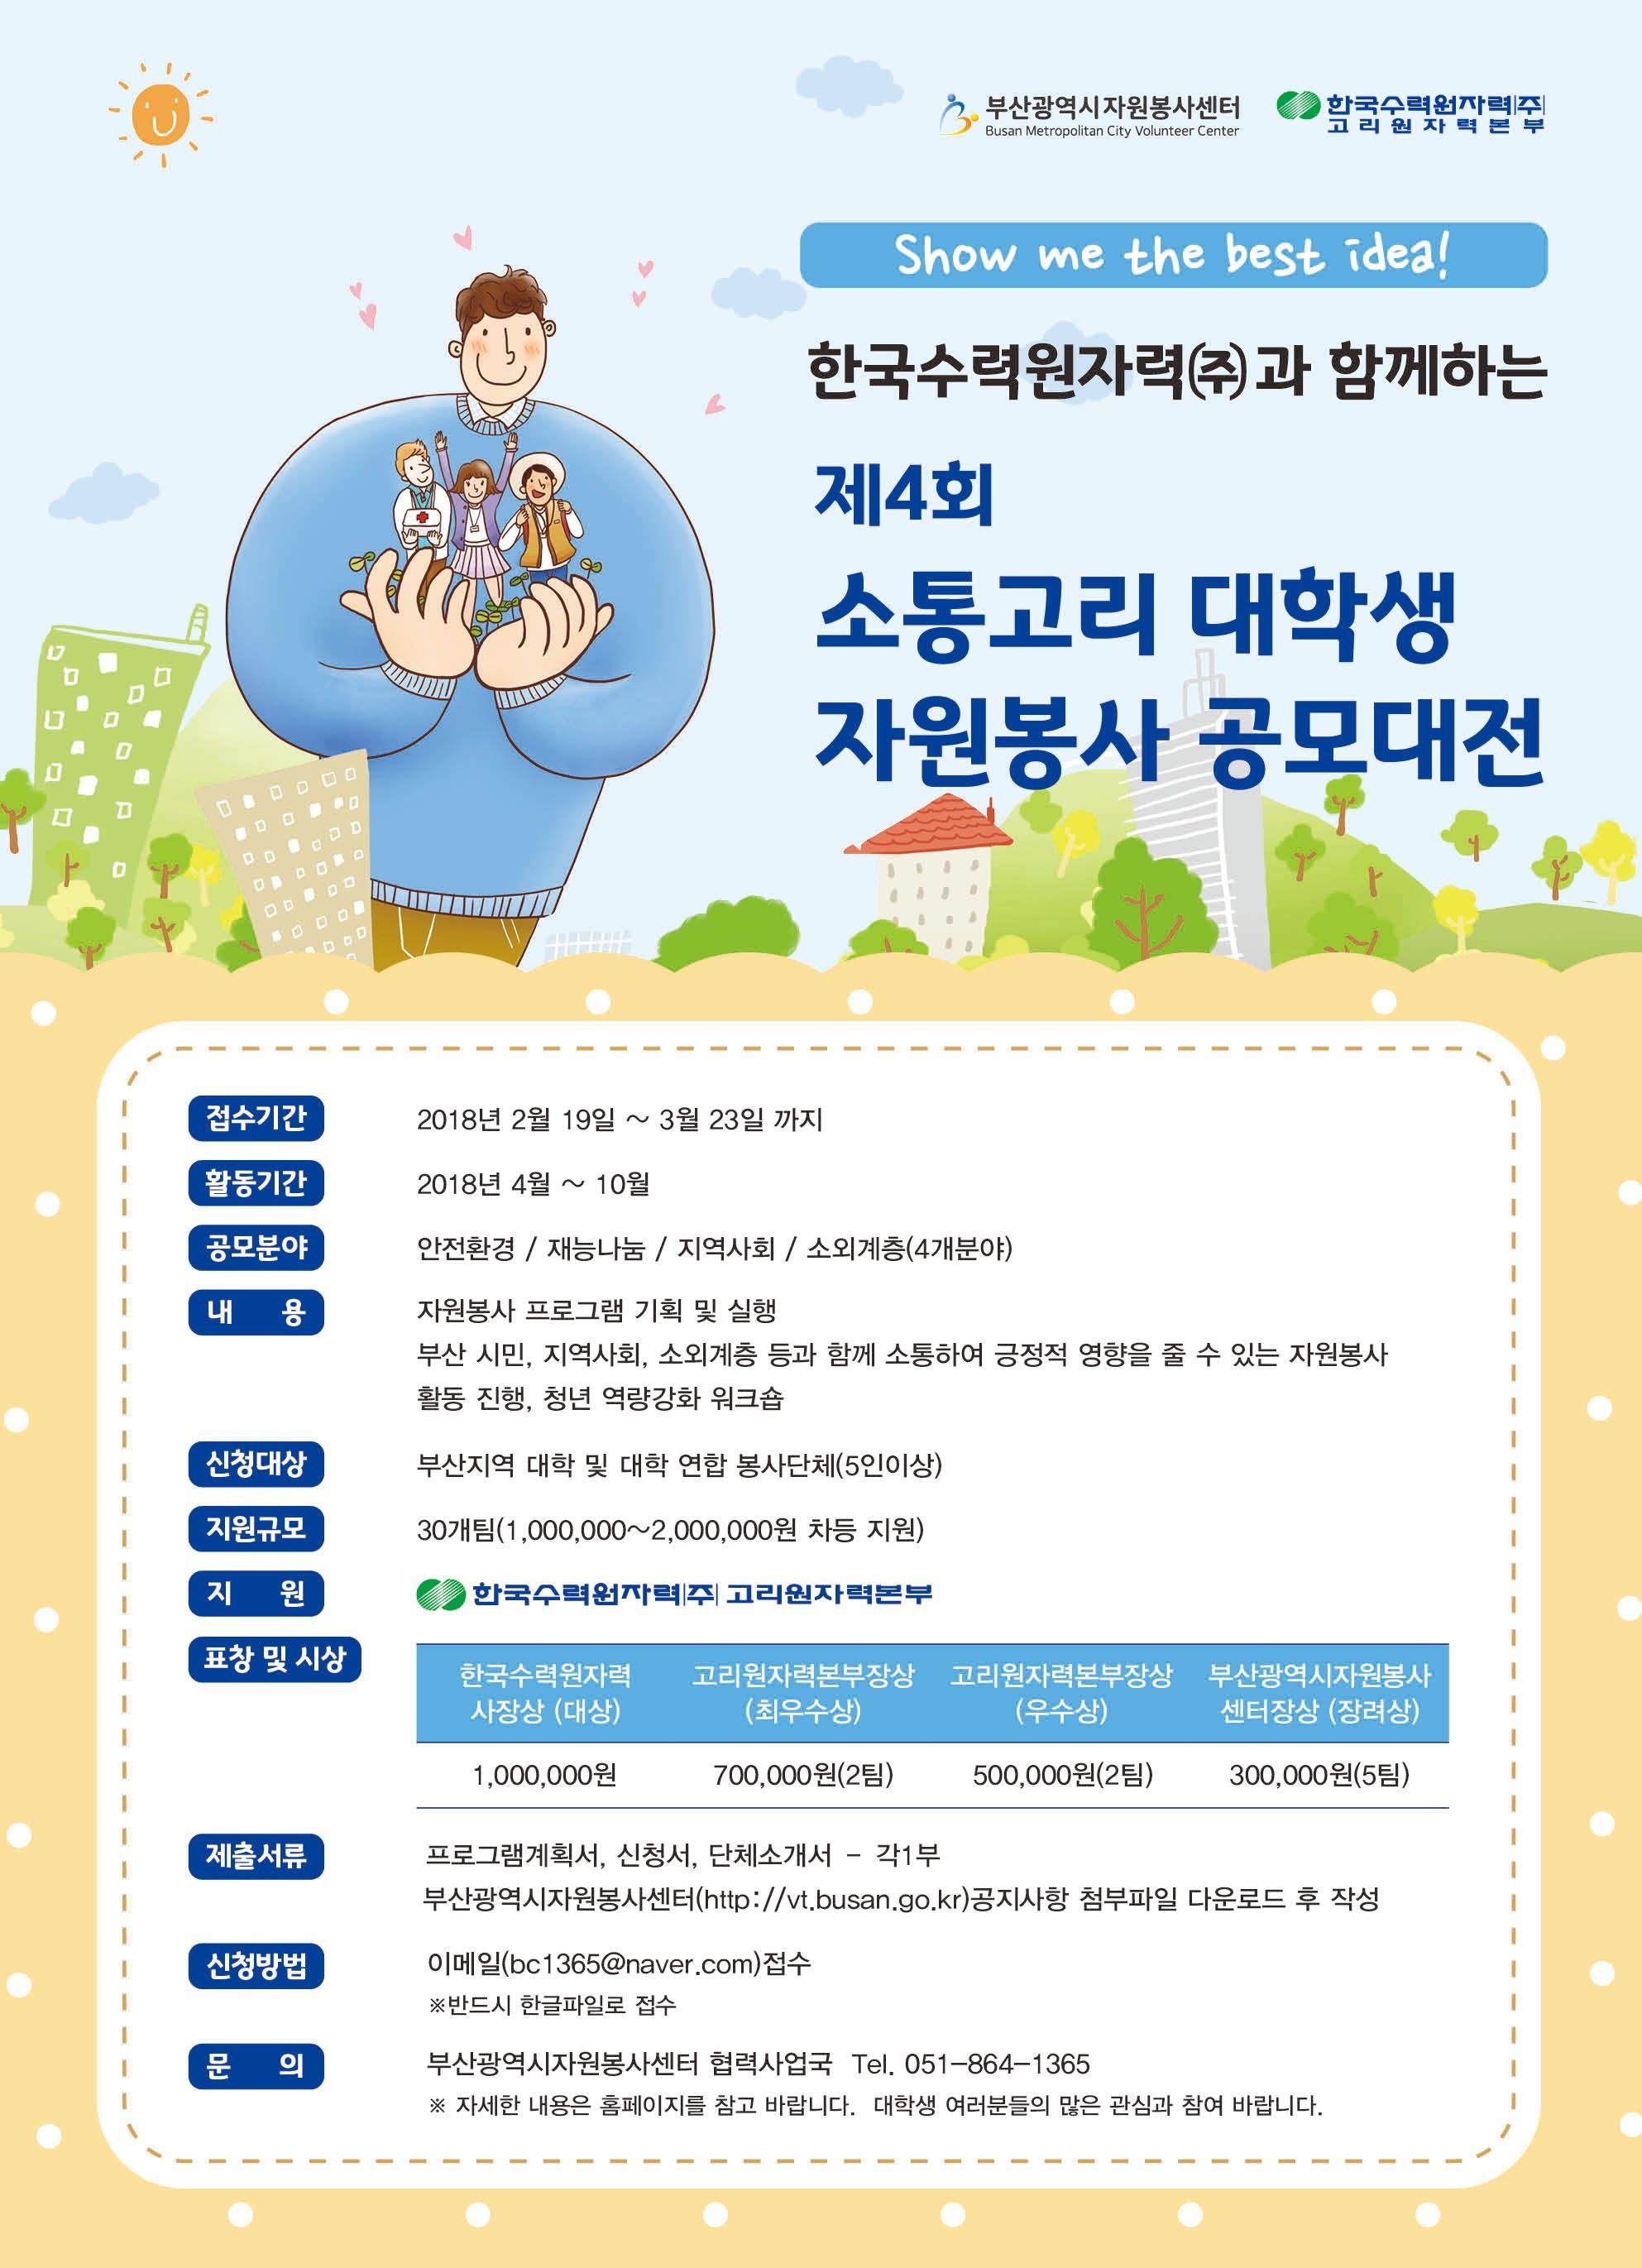 [부산광역시자원봉사센터]소통고리 대학생 자원봉사 공모대전